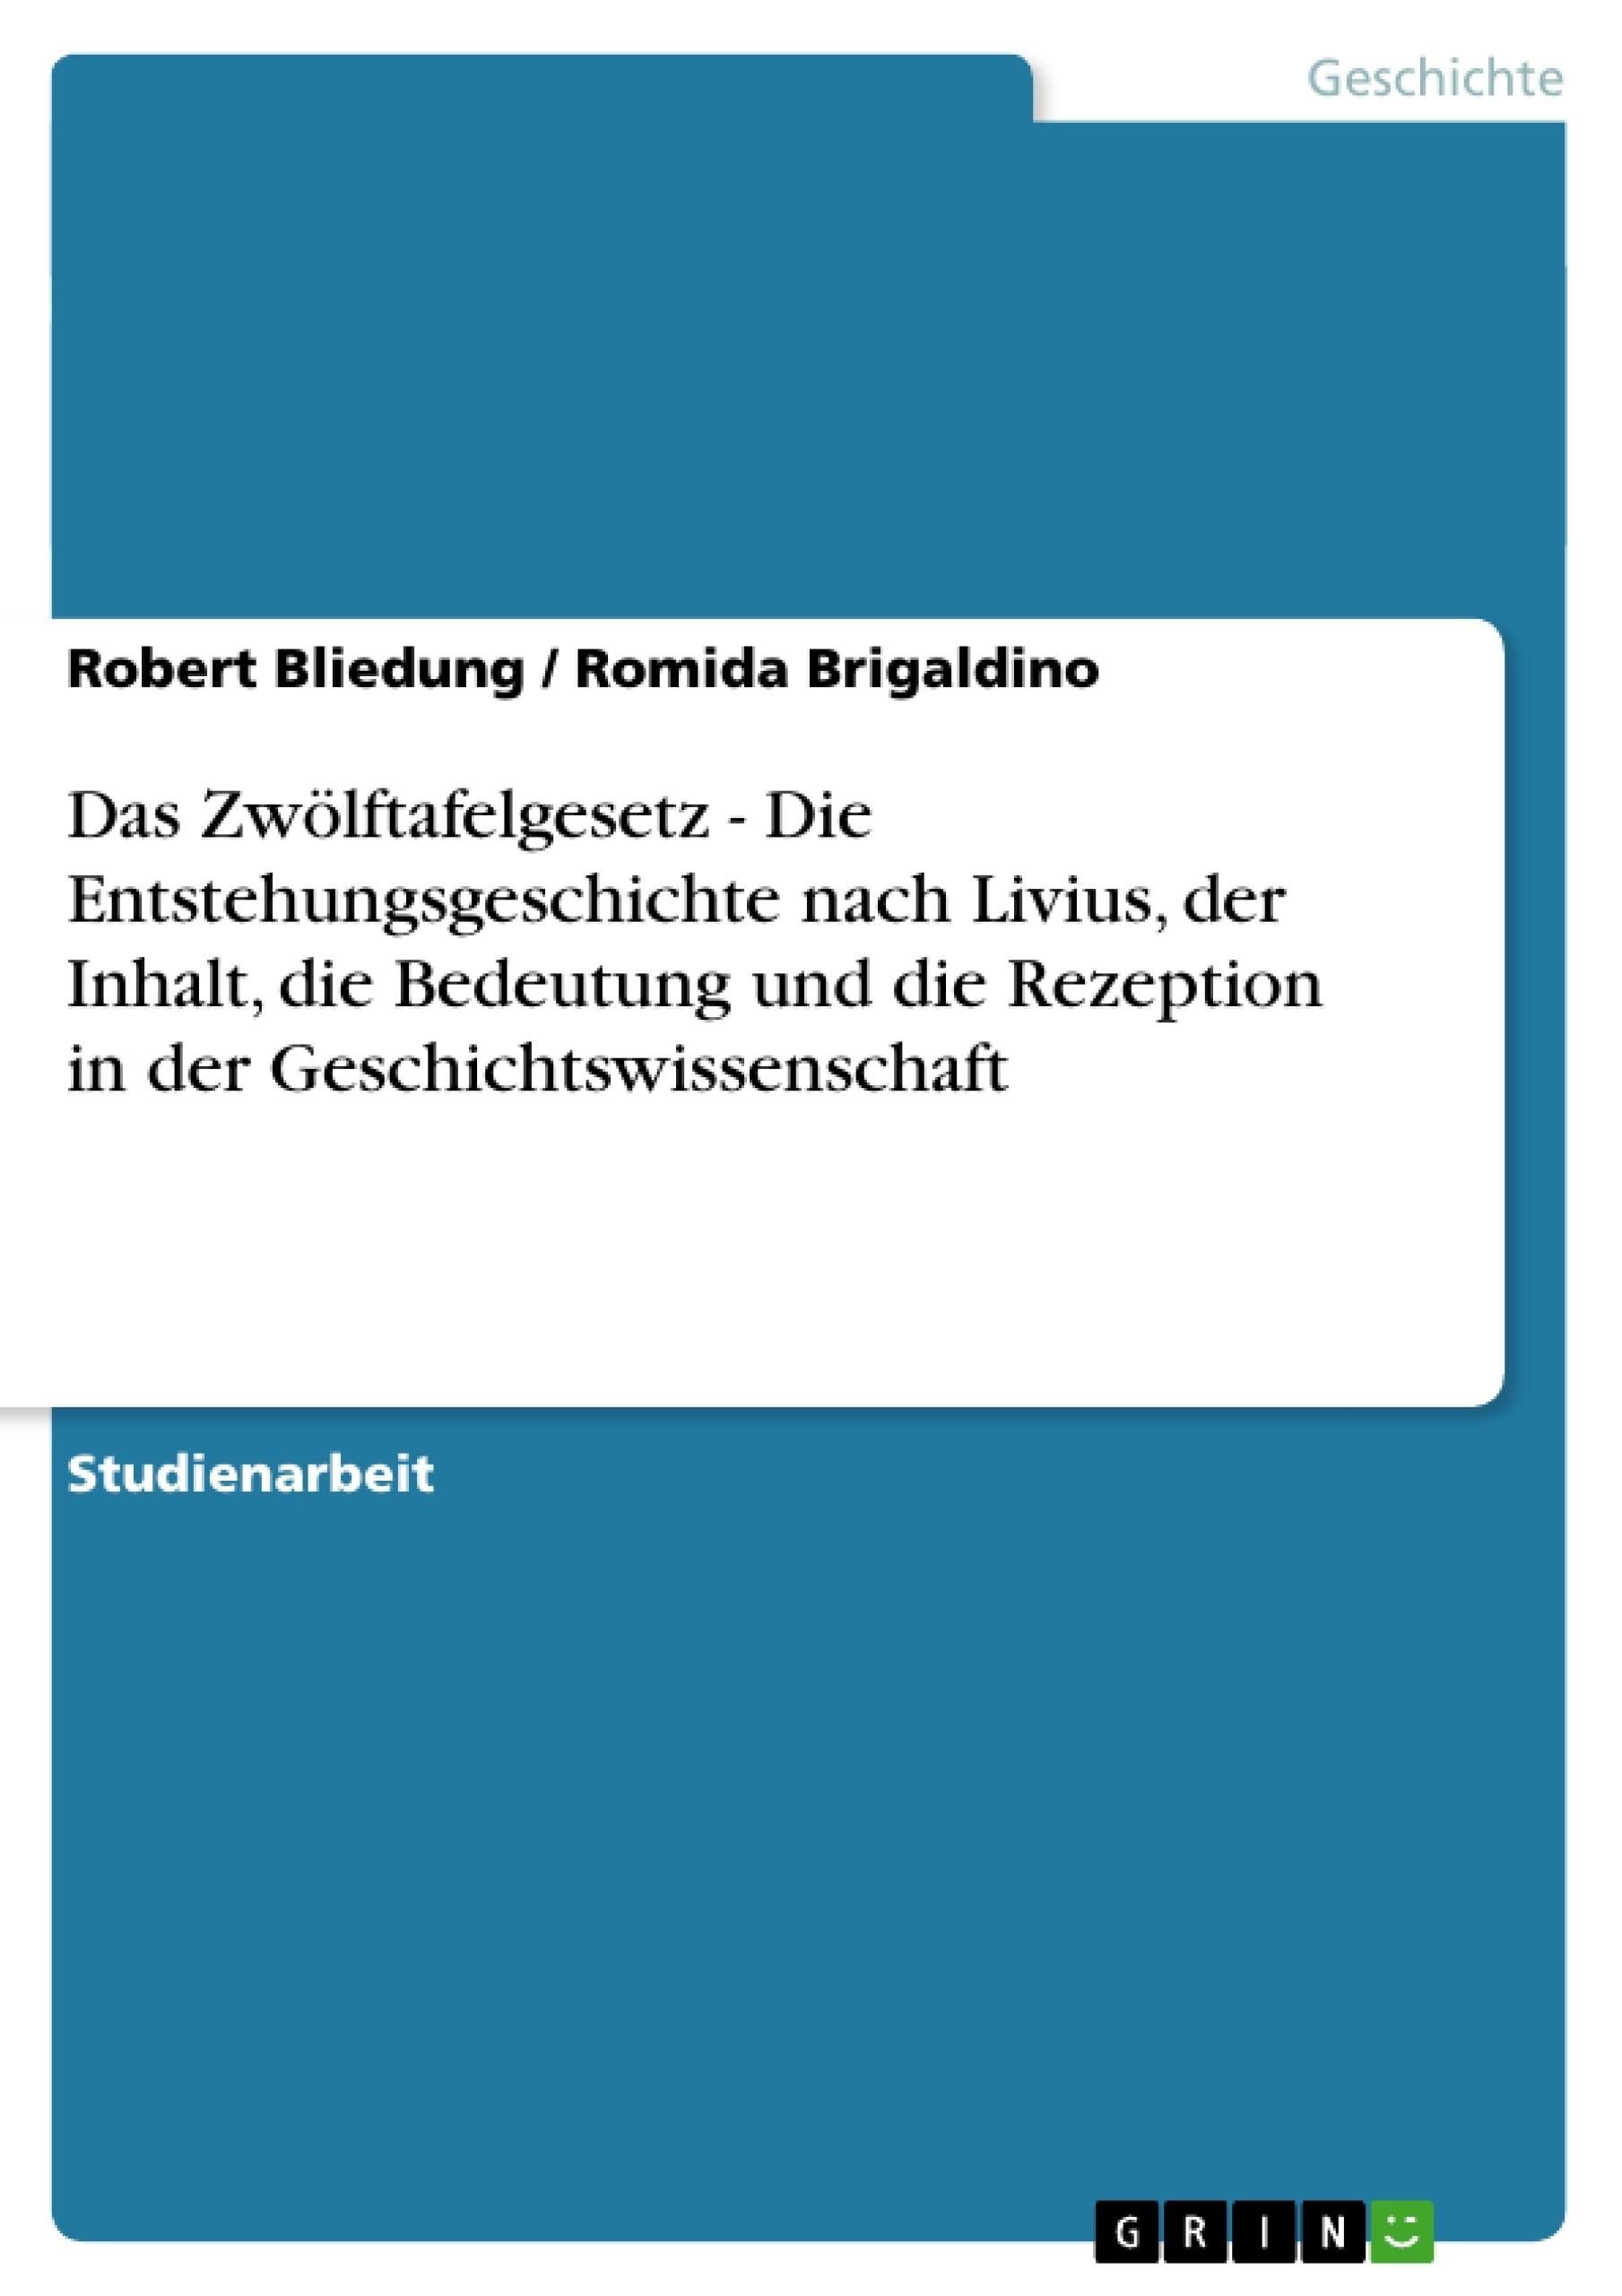 Titel: Das Zwölftafelgesetz - Die Entstehungsgeschichte nach Livius, der Inhalt, die Bedeutung und die Rezeption in der Geschichtswissenschaft